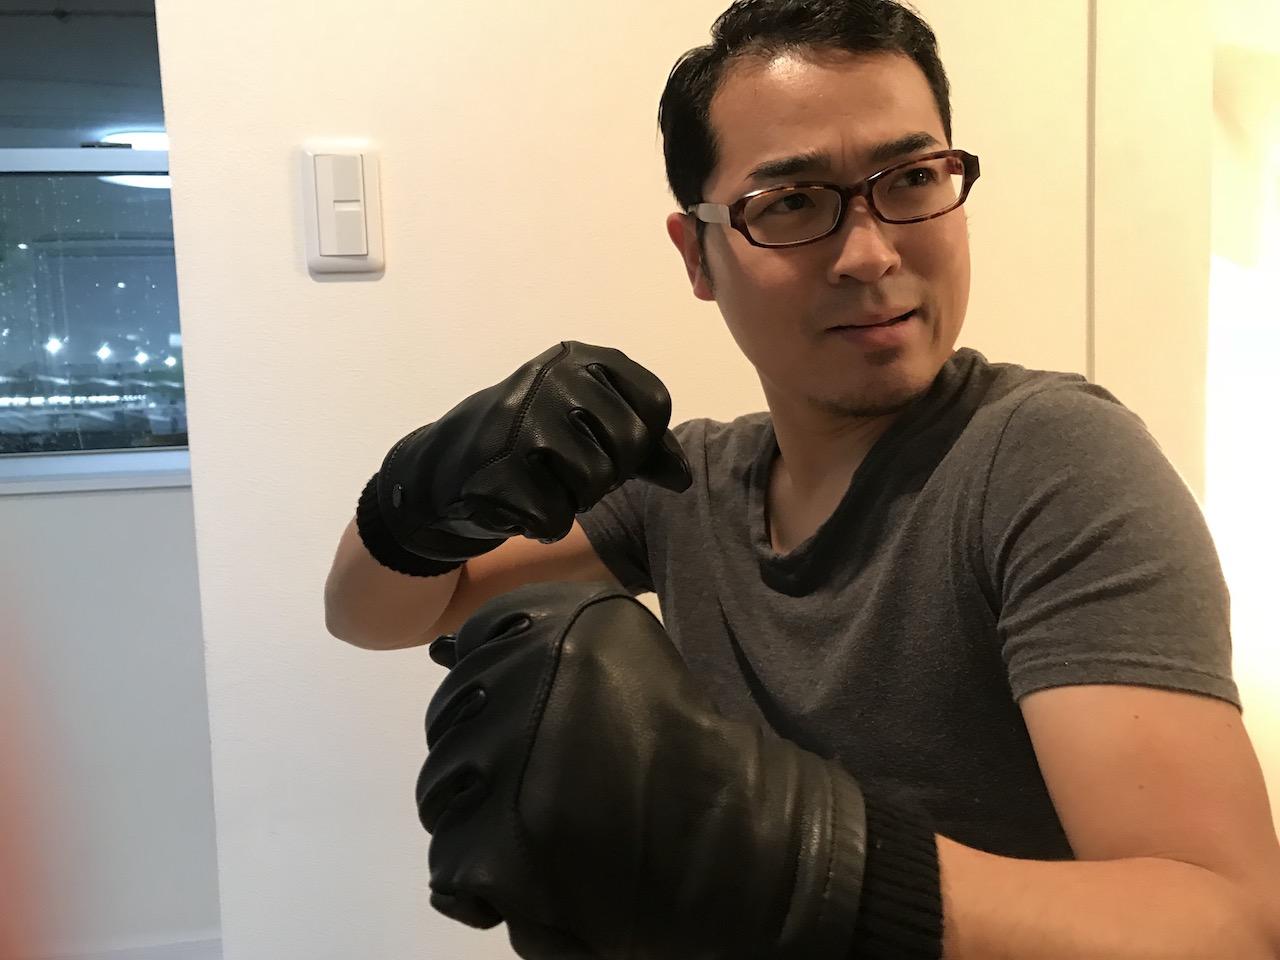 カナダグースの手袋がスーパーホット!ダウンだけが売りじゃありやせんよ!暖かさは手元から?